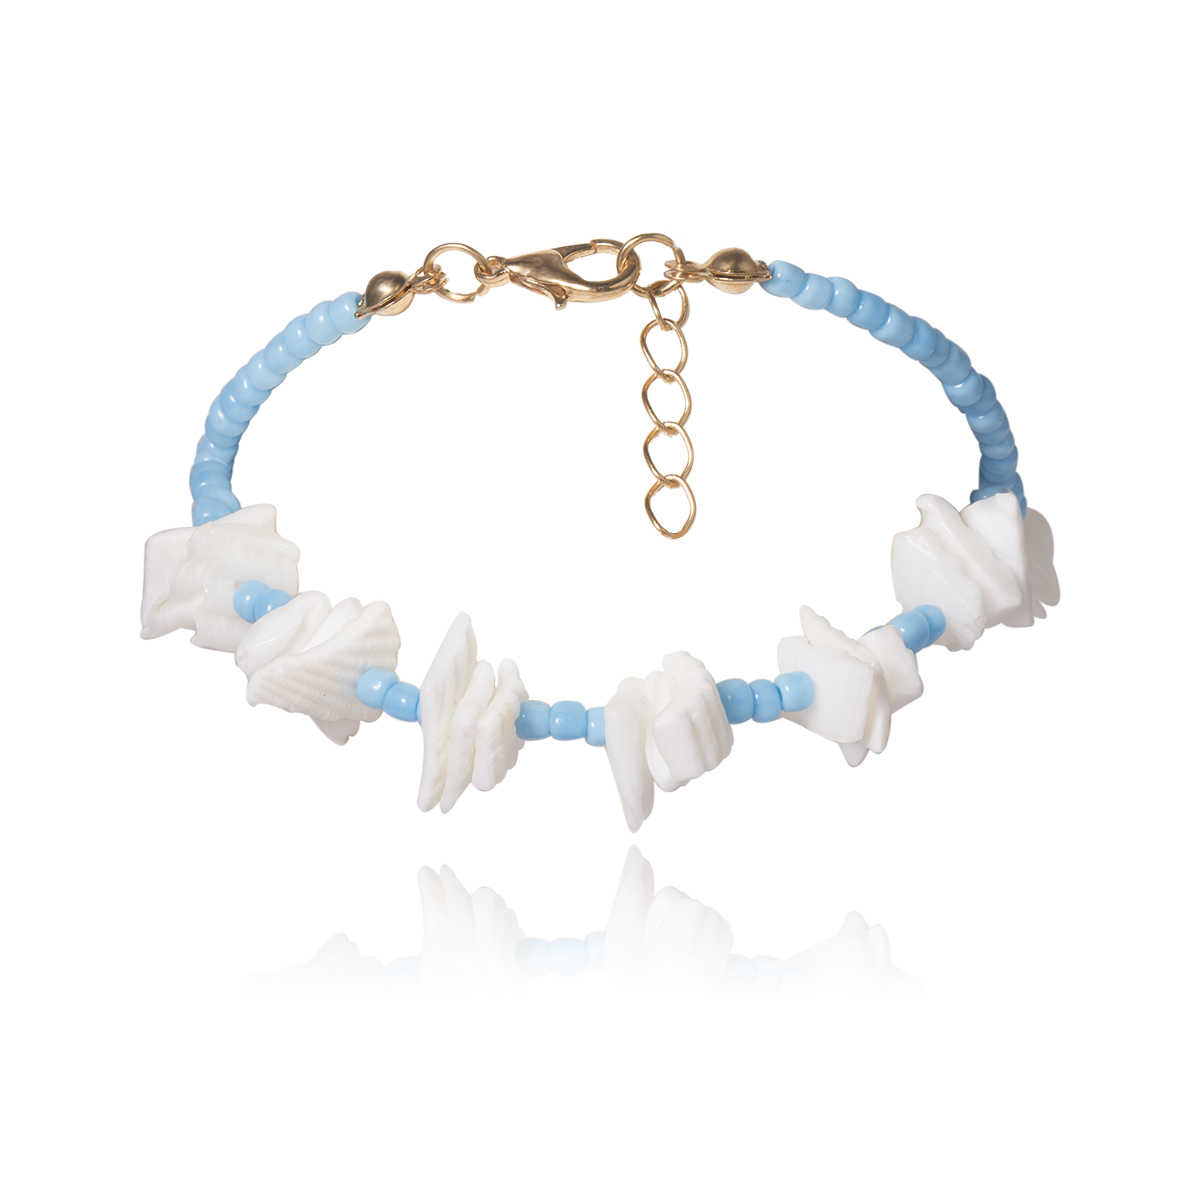 SHIXIN Irregular Puka Shell Chips pulsera Boho azul/naranja cuentas mano cadena encanto pulsera para mujer coreano pareja pulsera regalo